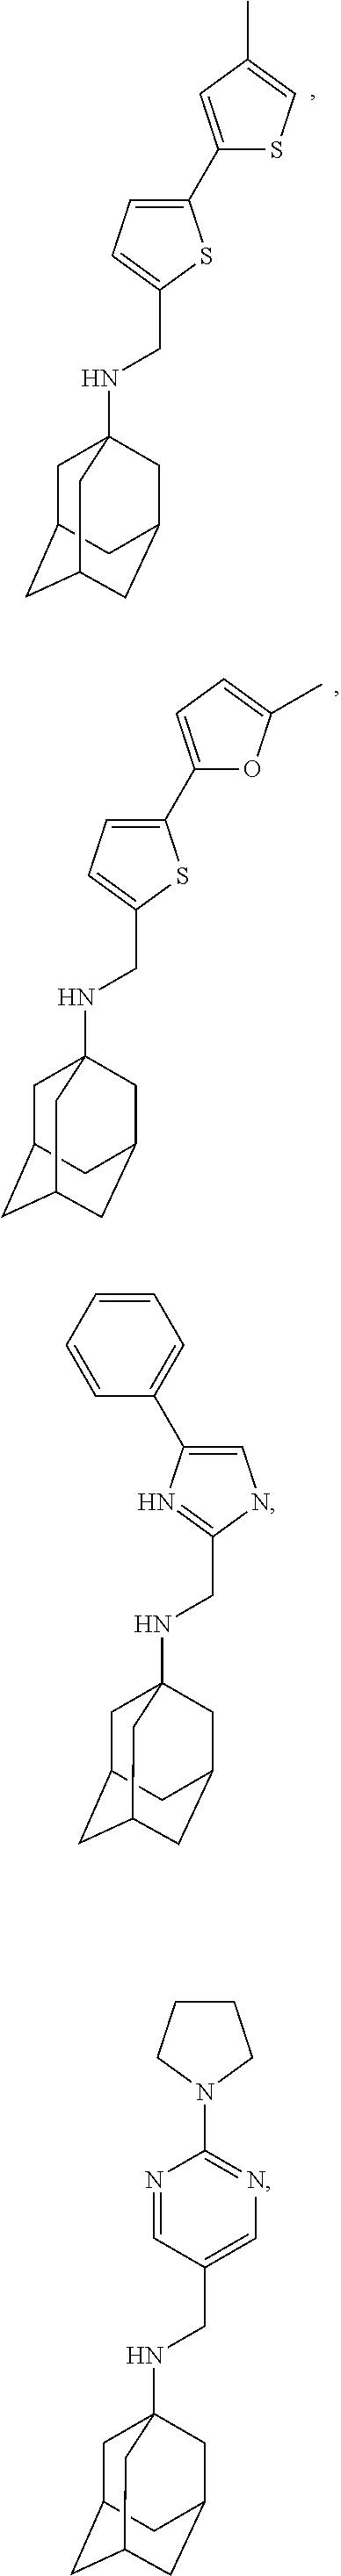 Figure US09884832-20180206-C00195